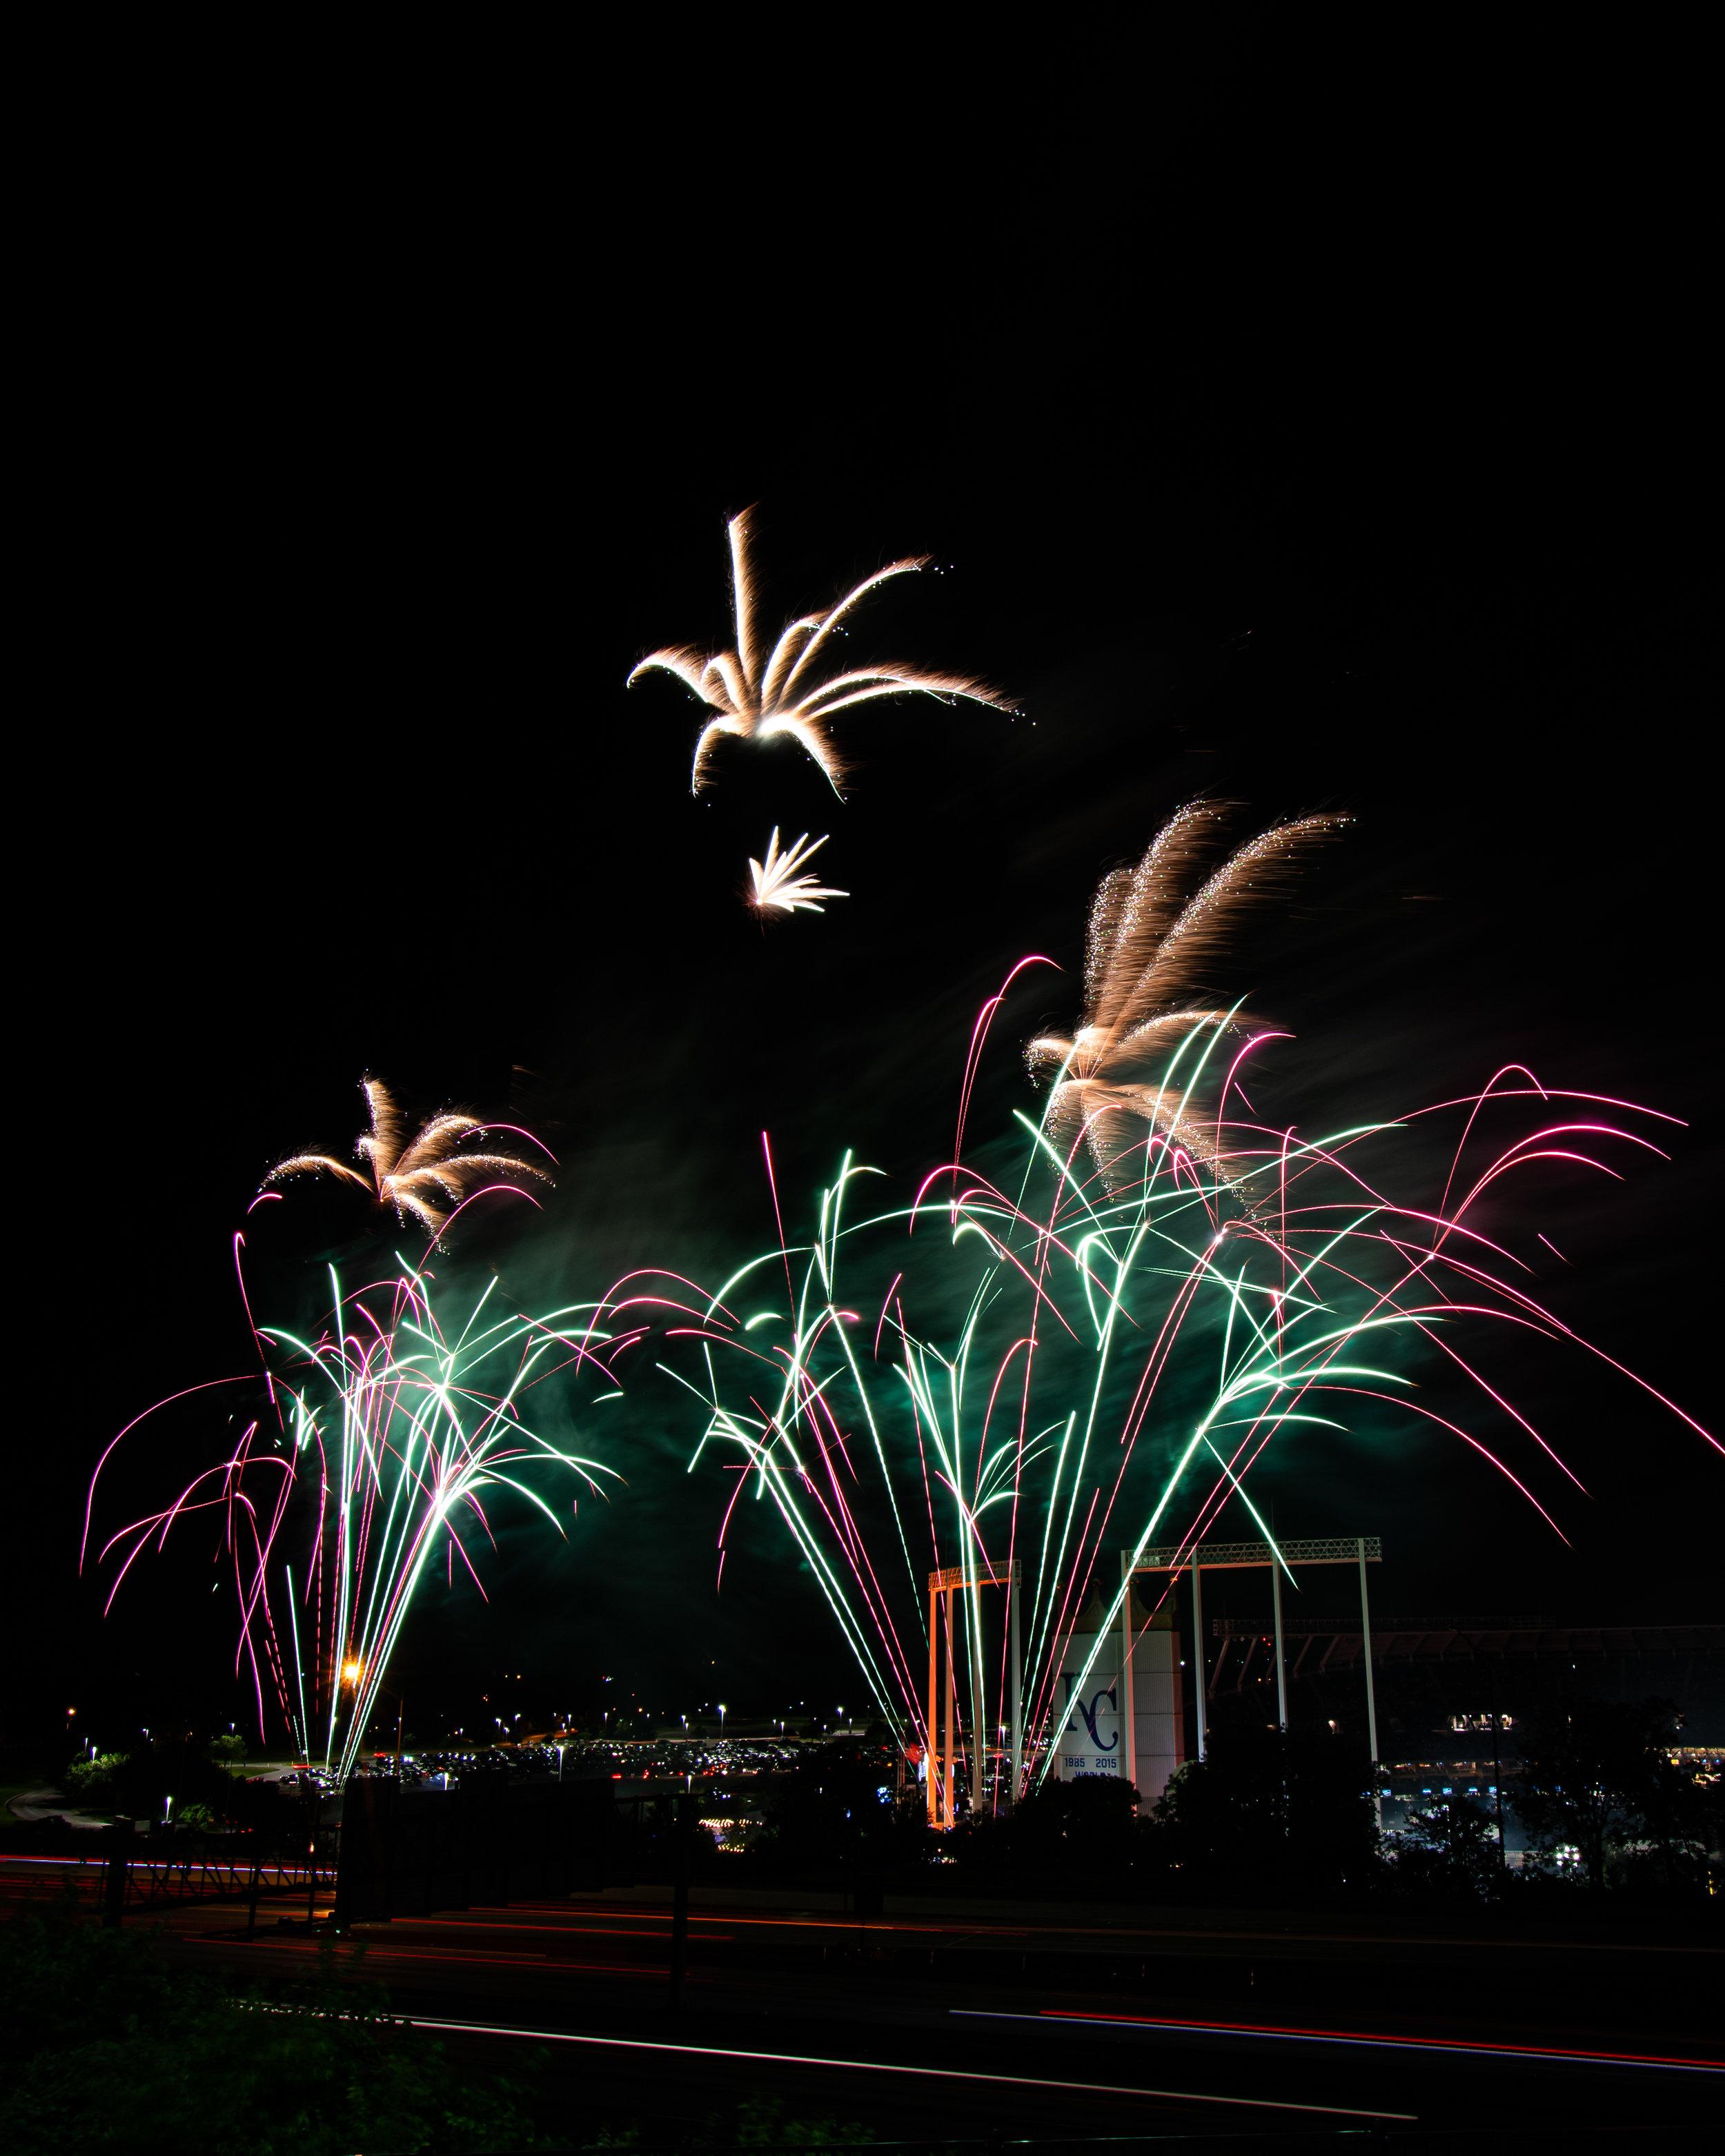 firework-friday-30-of-51_48108387217_o.jpg